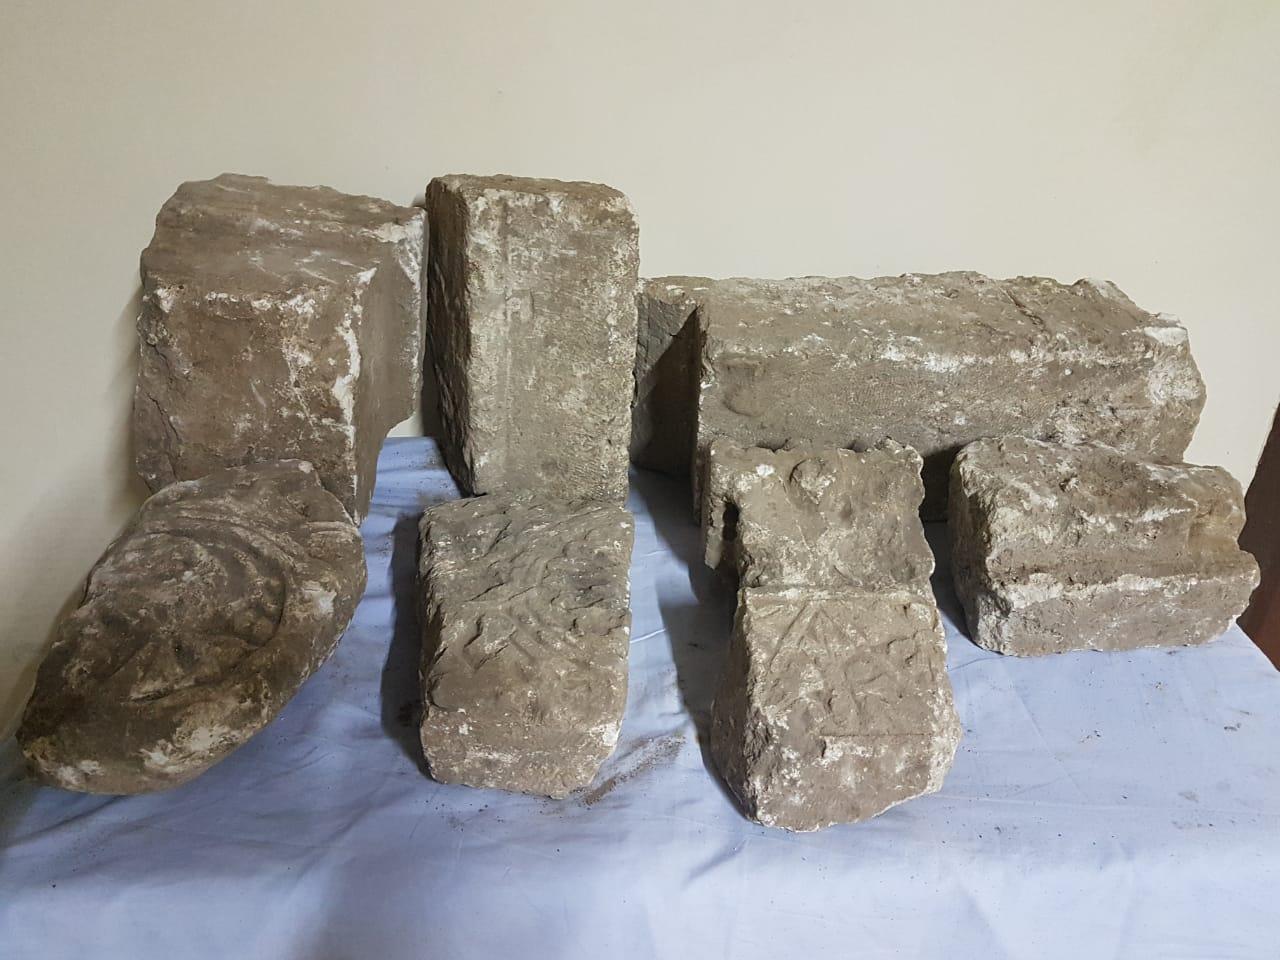 العثور على قطع حجرية من كشف اثرى يعود للعصر القبطى  (4)